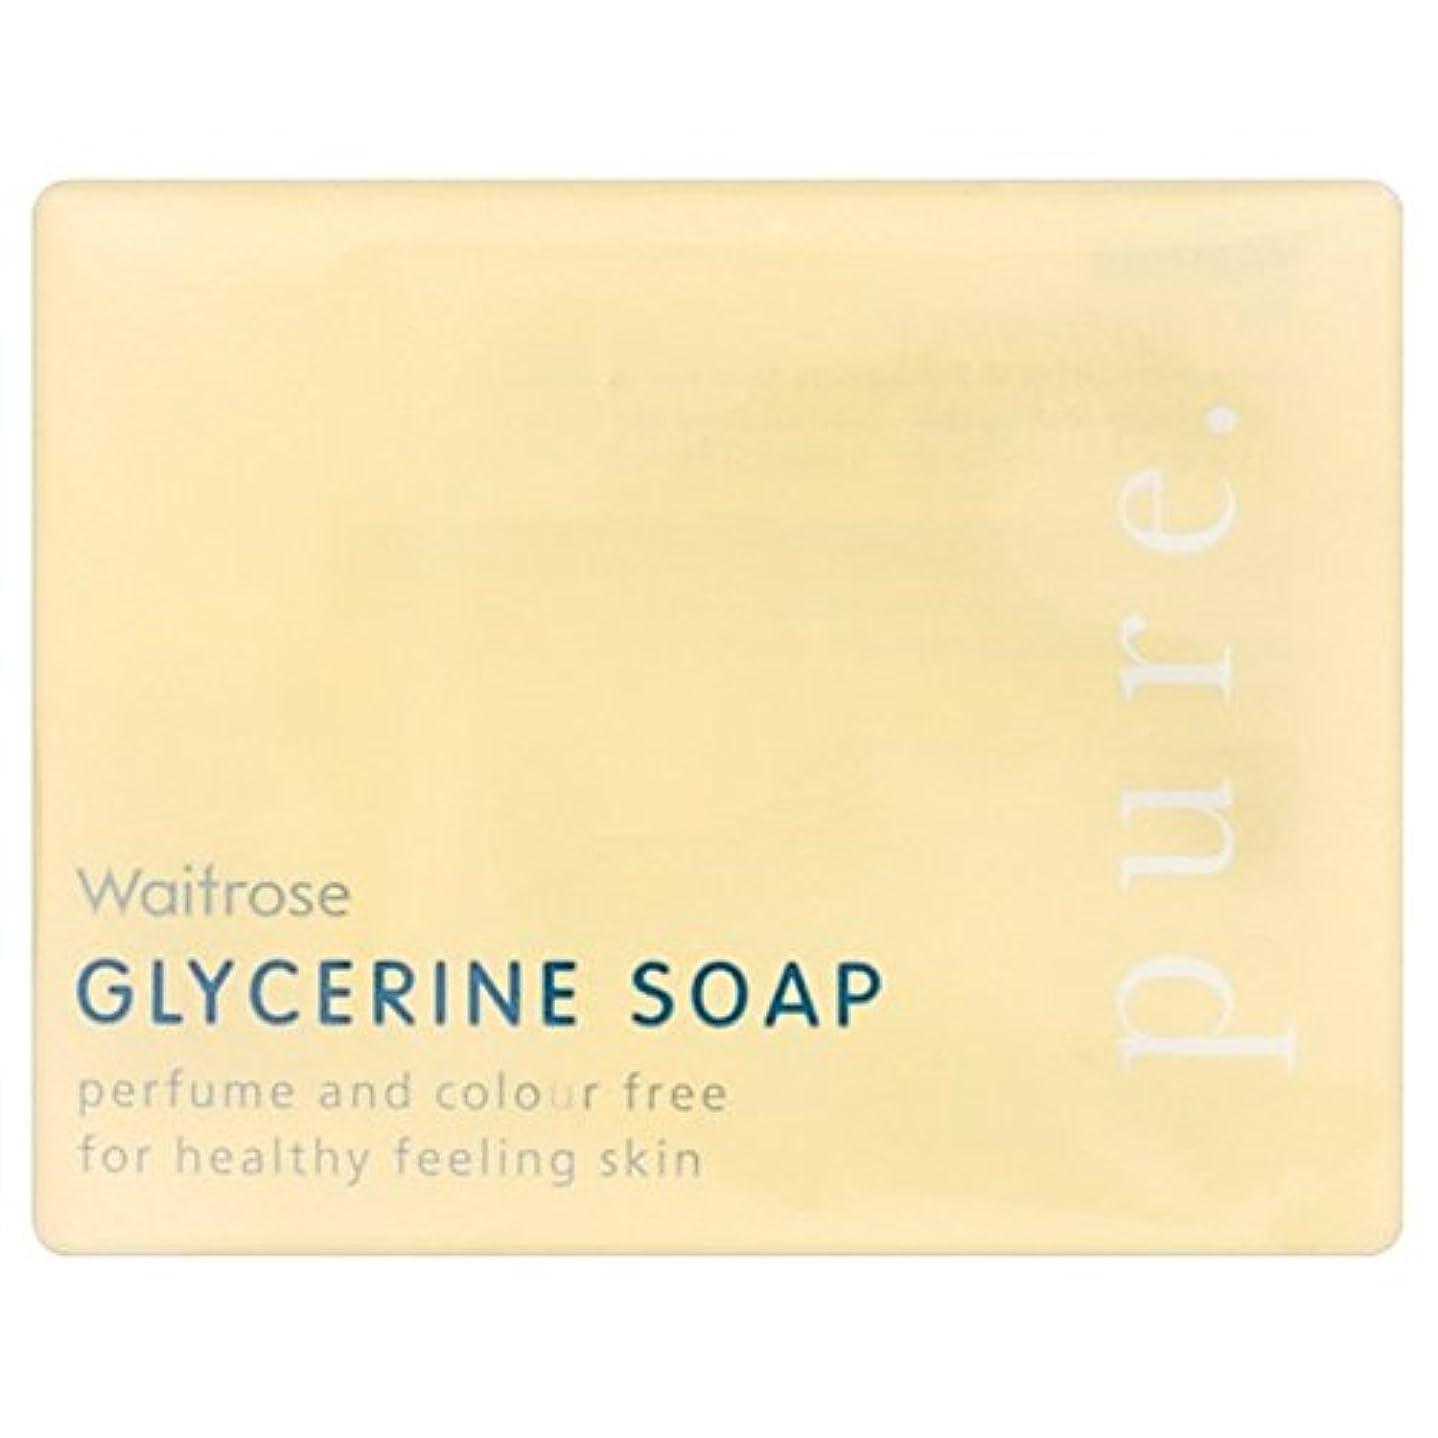 カスケード船意欲純粋なグリセリンソープウェイトローズの100グラム x2 - Pure Glycerine Soap Waitrose 100g (Pack of 2) [並行輸入品]